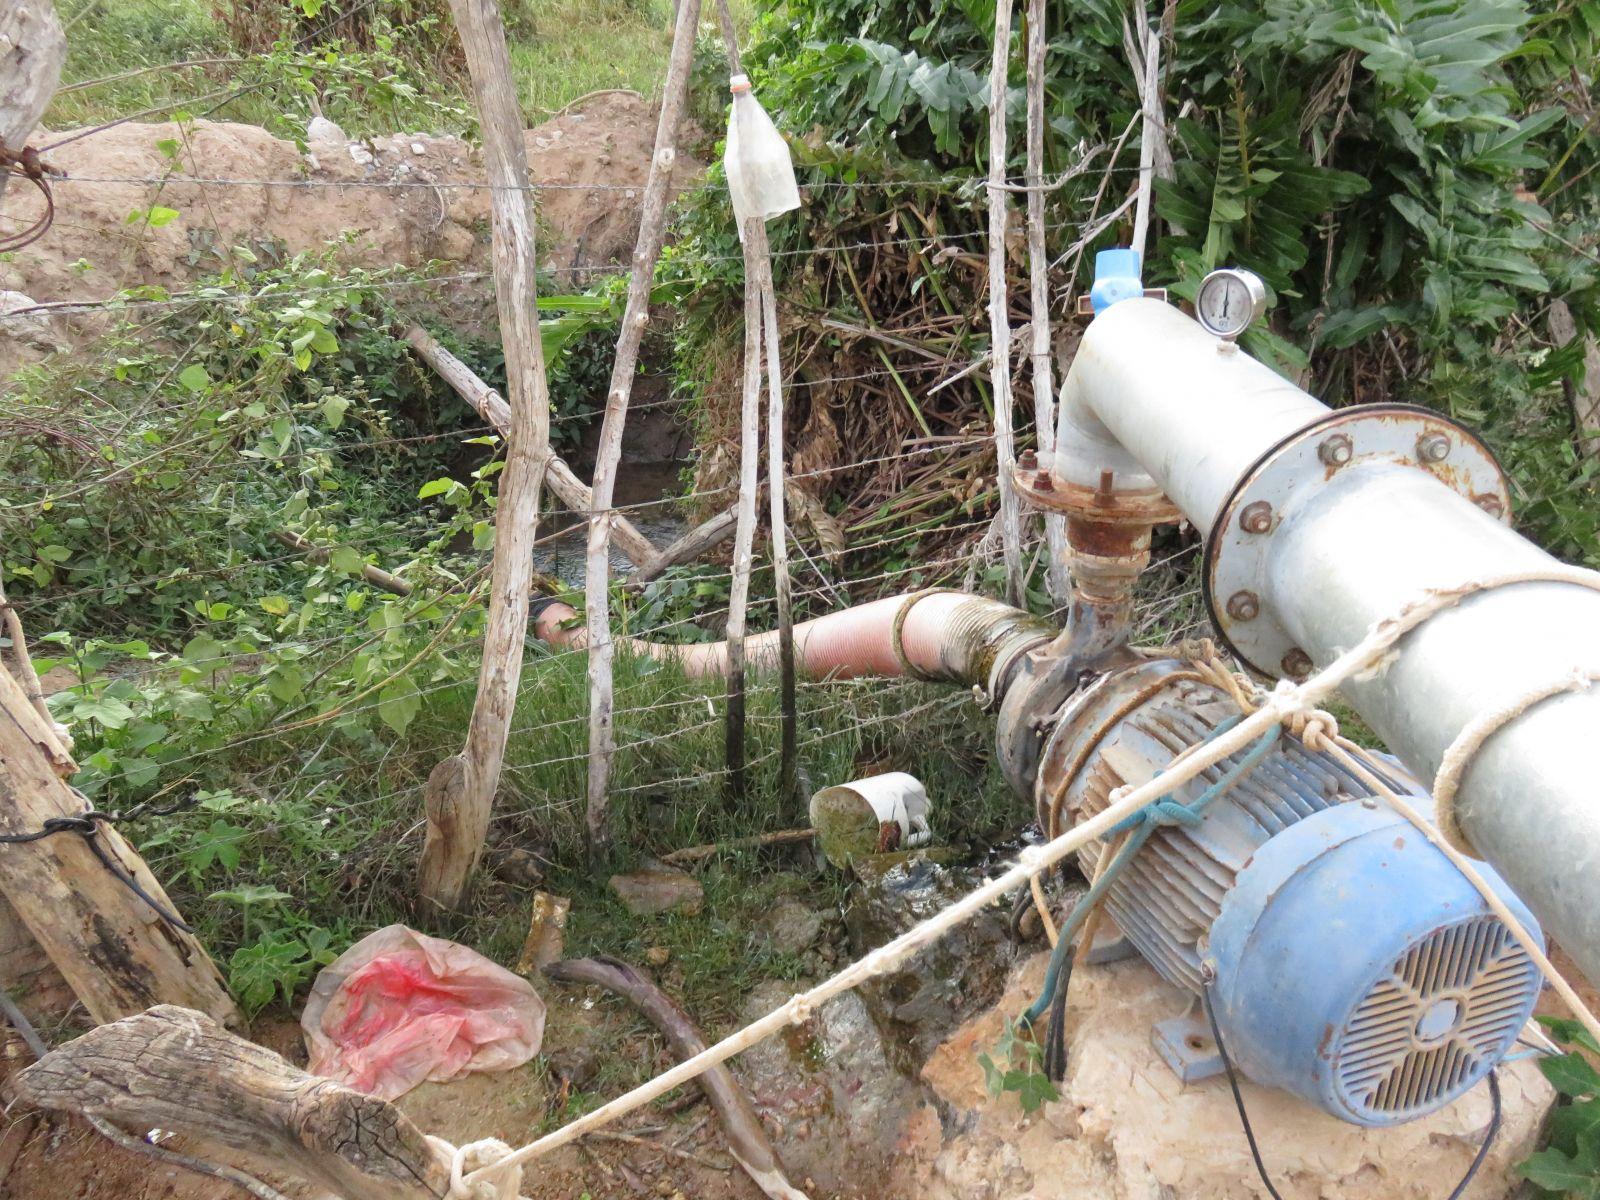 Bombas clandestinas nas nascentes do Pacuí, que abastecem açude para irrigação, ameaçam esgotar as águas do rioFoto: Joelton Belau